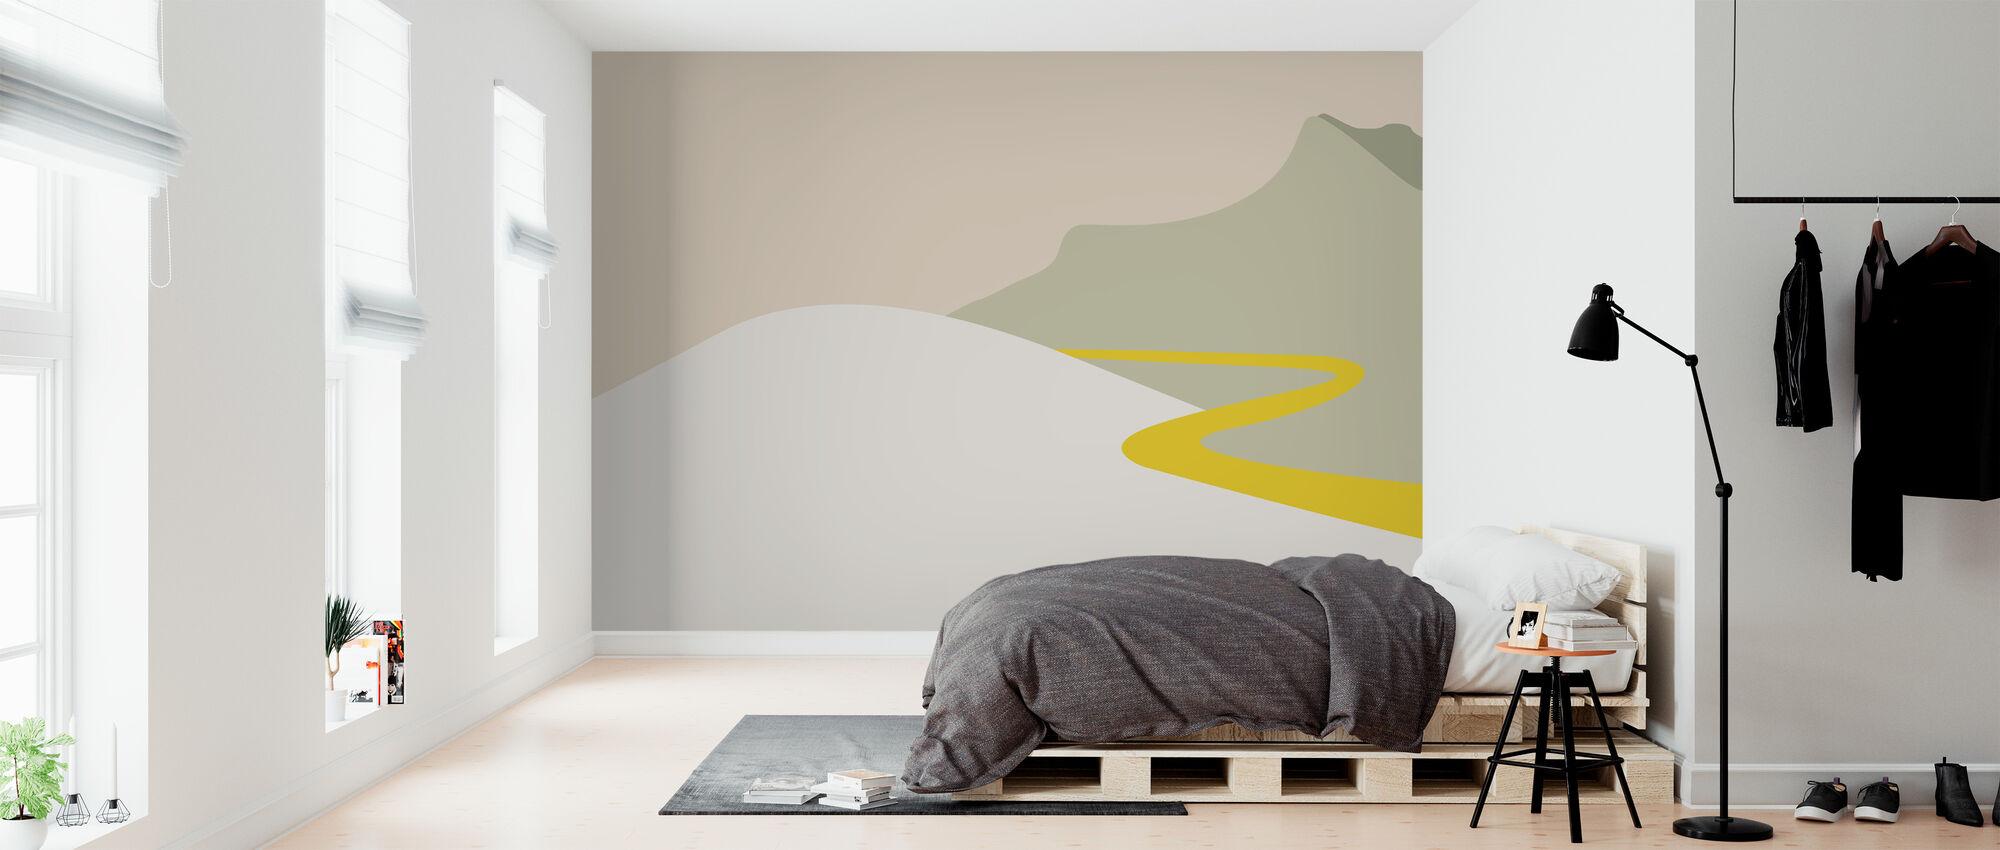 Ich reise - Tapete - Schlafzimmer